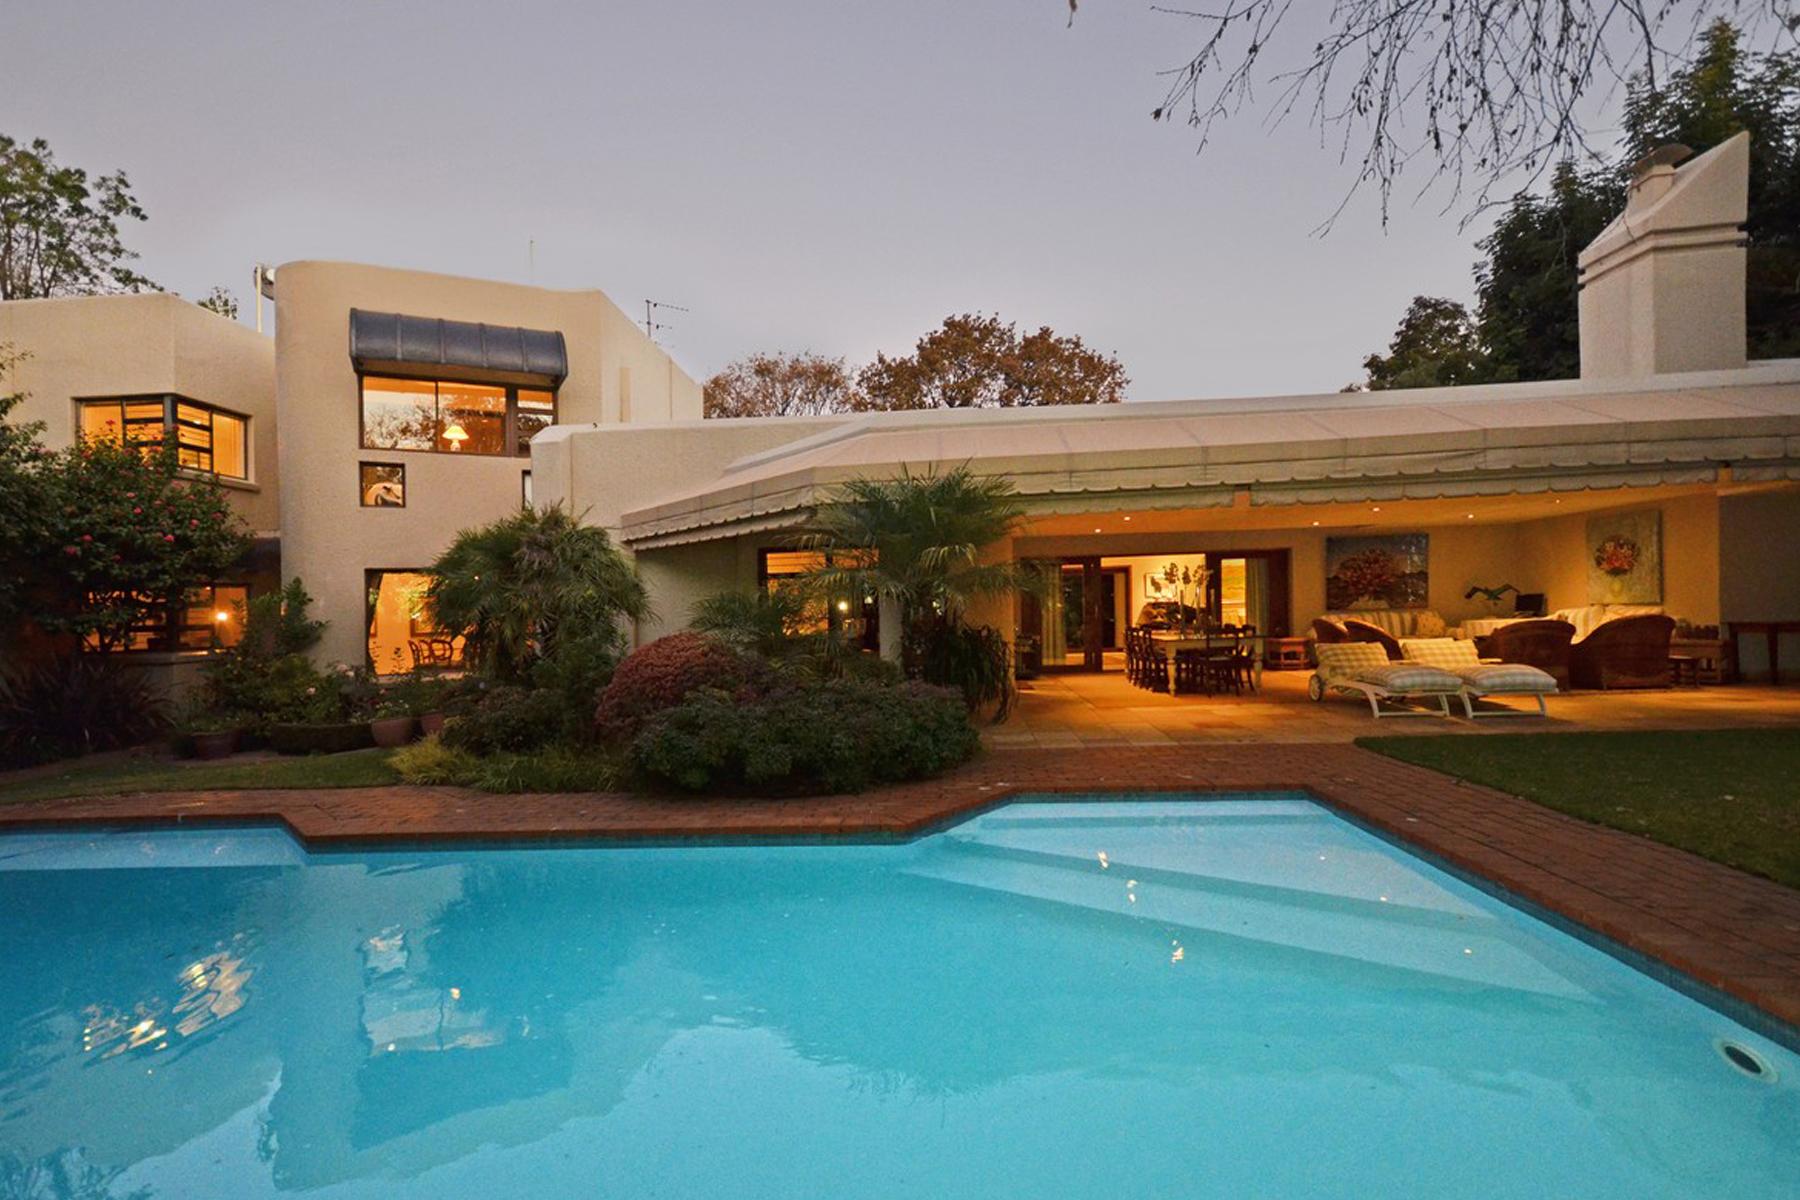 Maison unifamiliale pour l Vente à Illovo Illovo, Johannesburg, Gauteng Afrique Du Sud